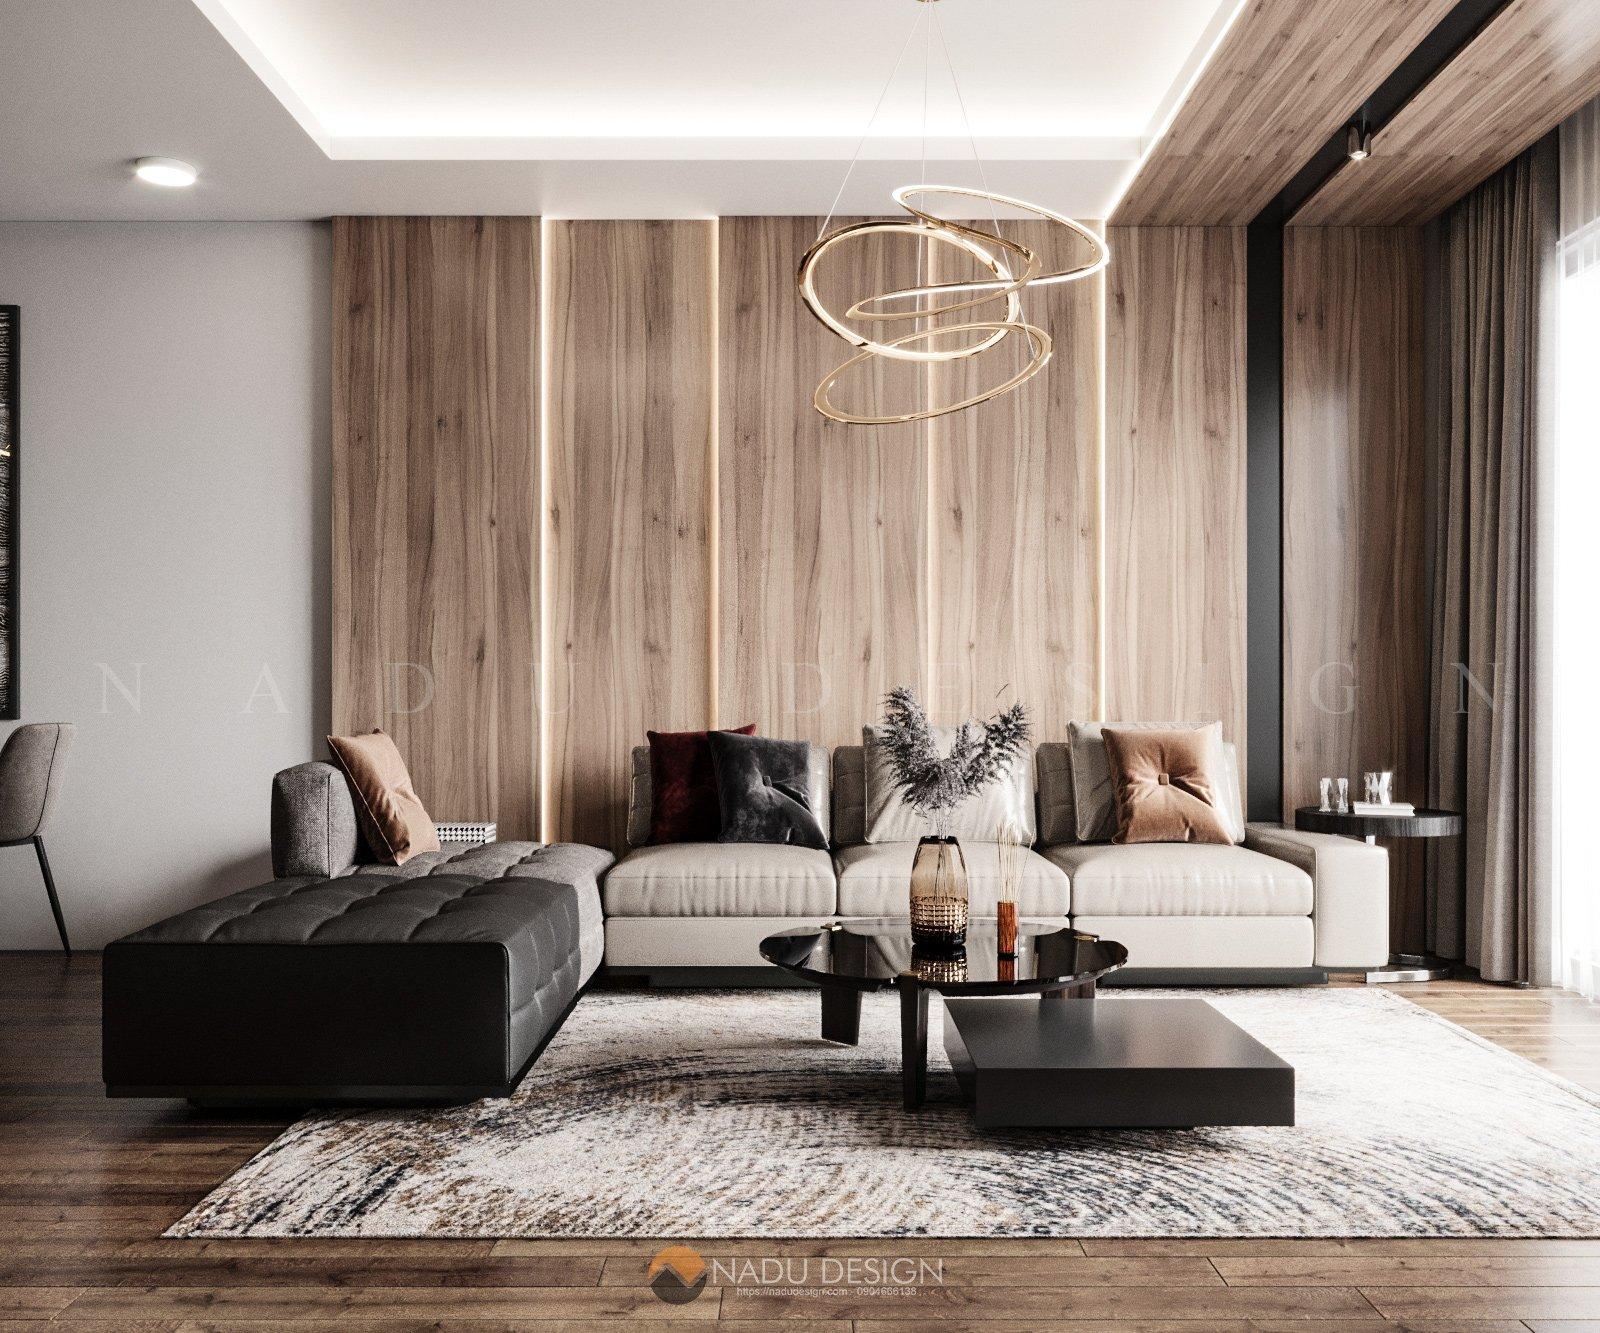 Gói nội thất chung cư 70m2 bao nhiêu tiền?